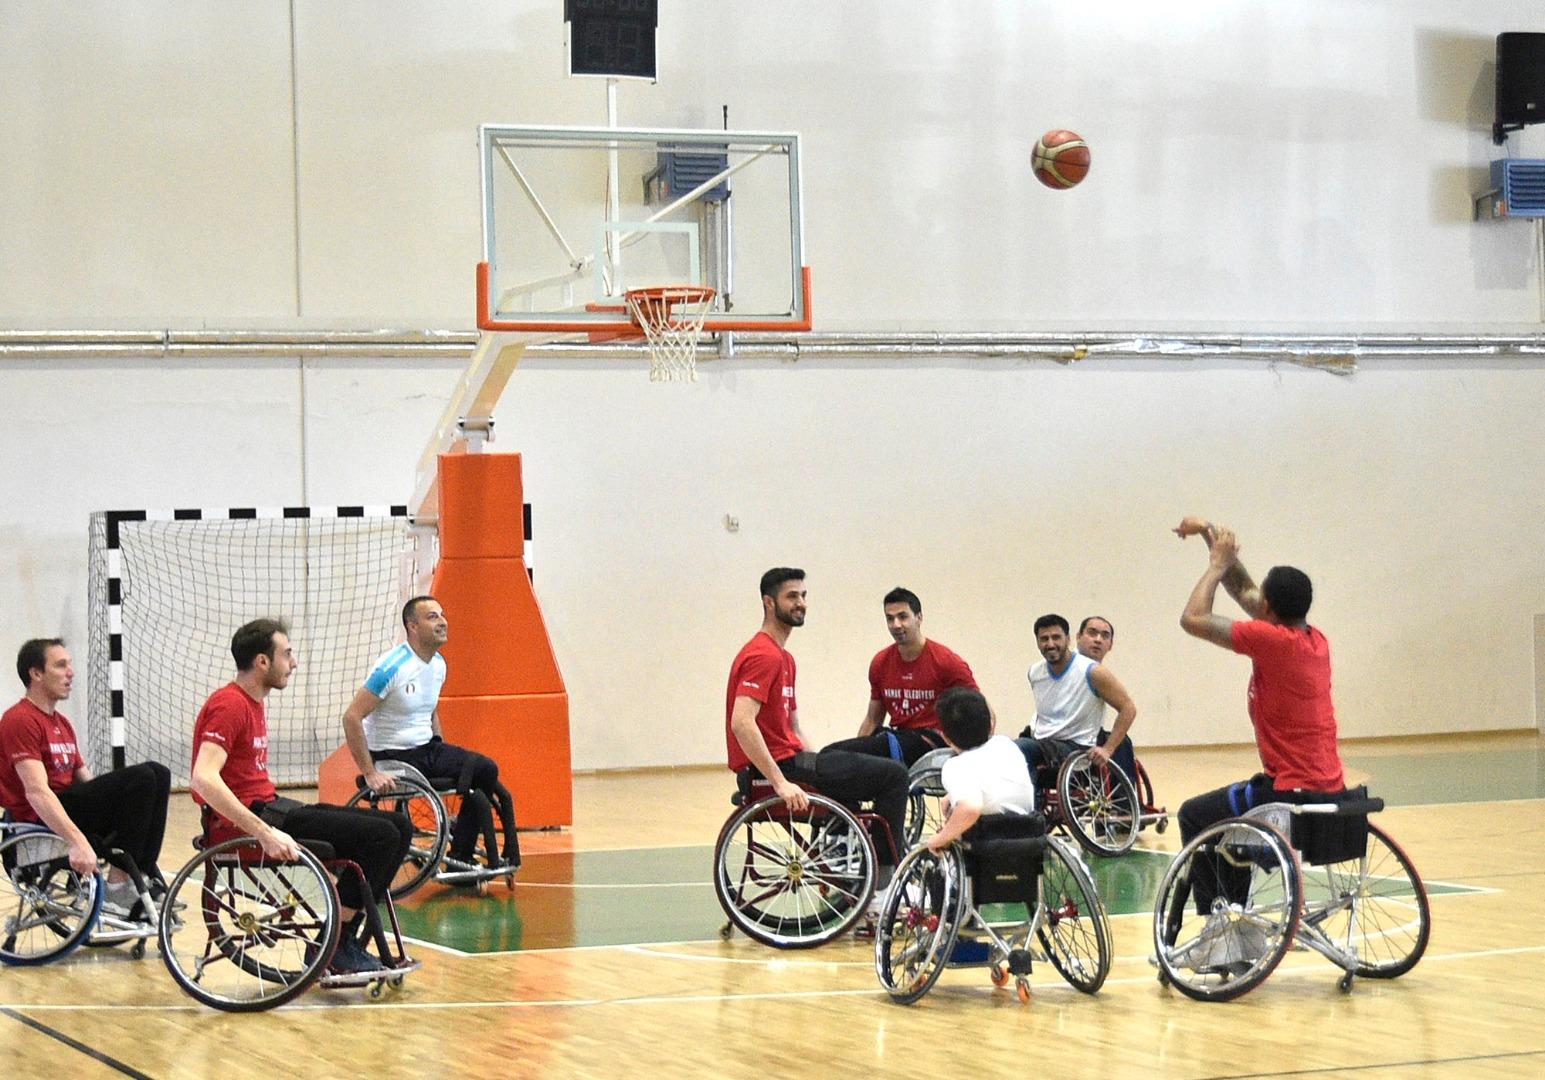 İlk kez tekerlikli sandalyede maç yaptılar